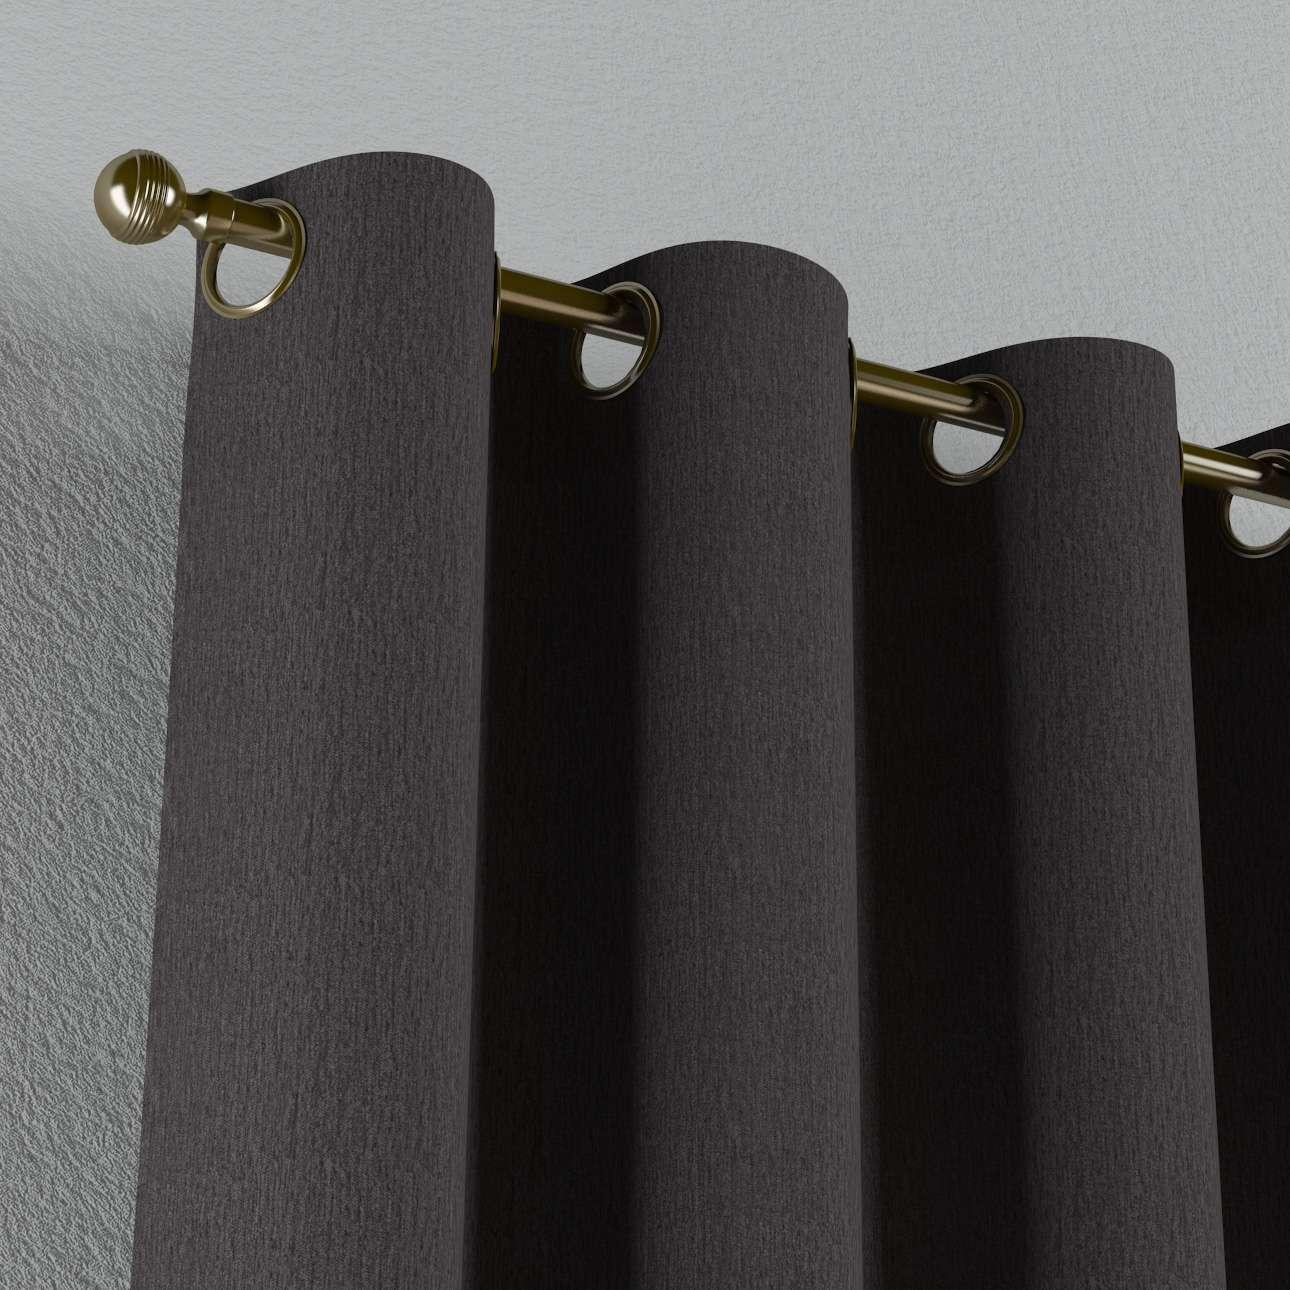 Žiedinio klostavimo užuolaidos 130 x 260 cm (plotis x ilgis) kolekcijoje Chenille, audinys: 702-20